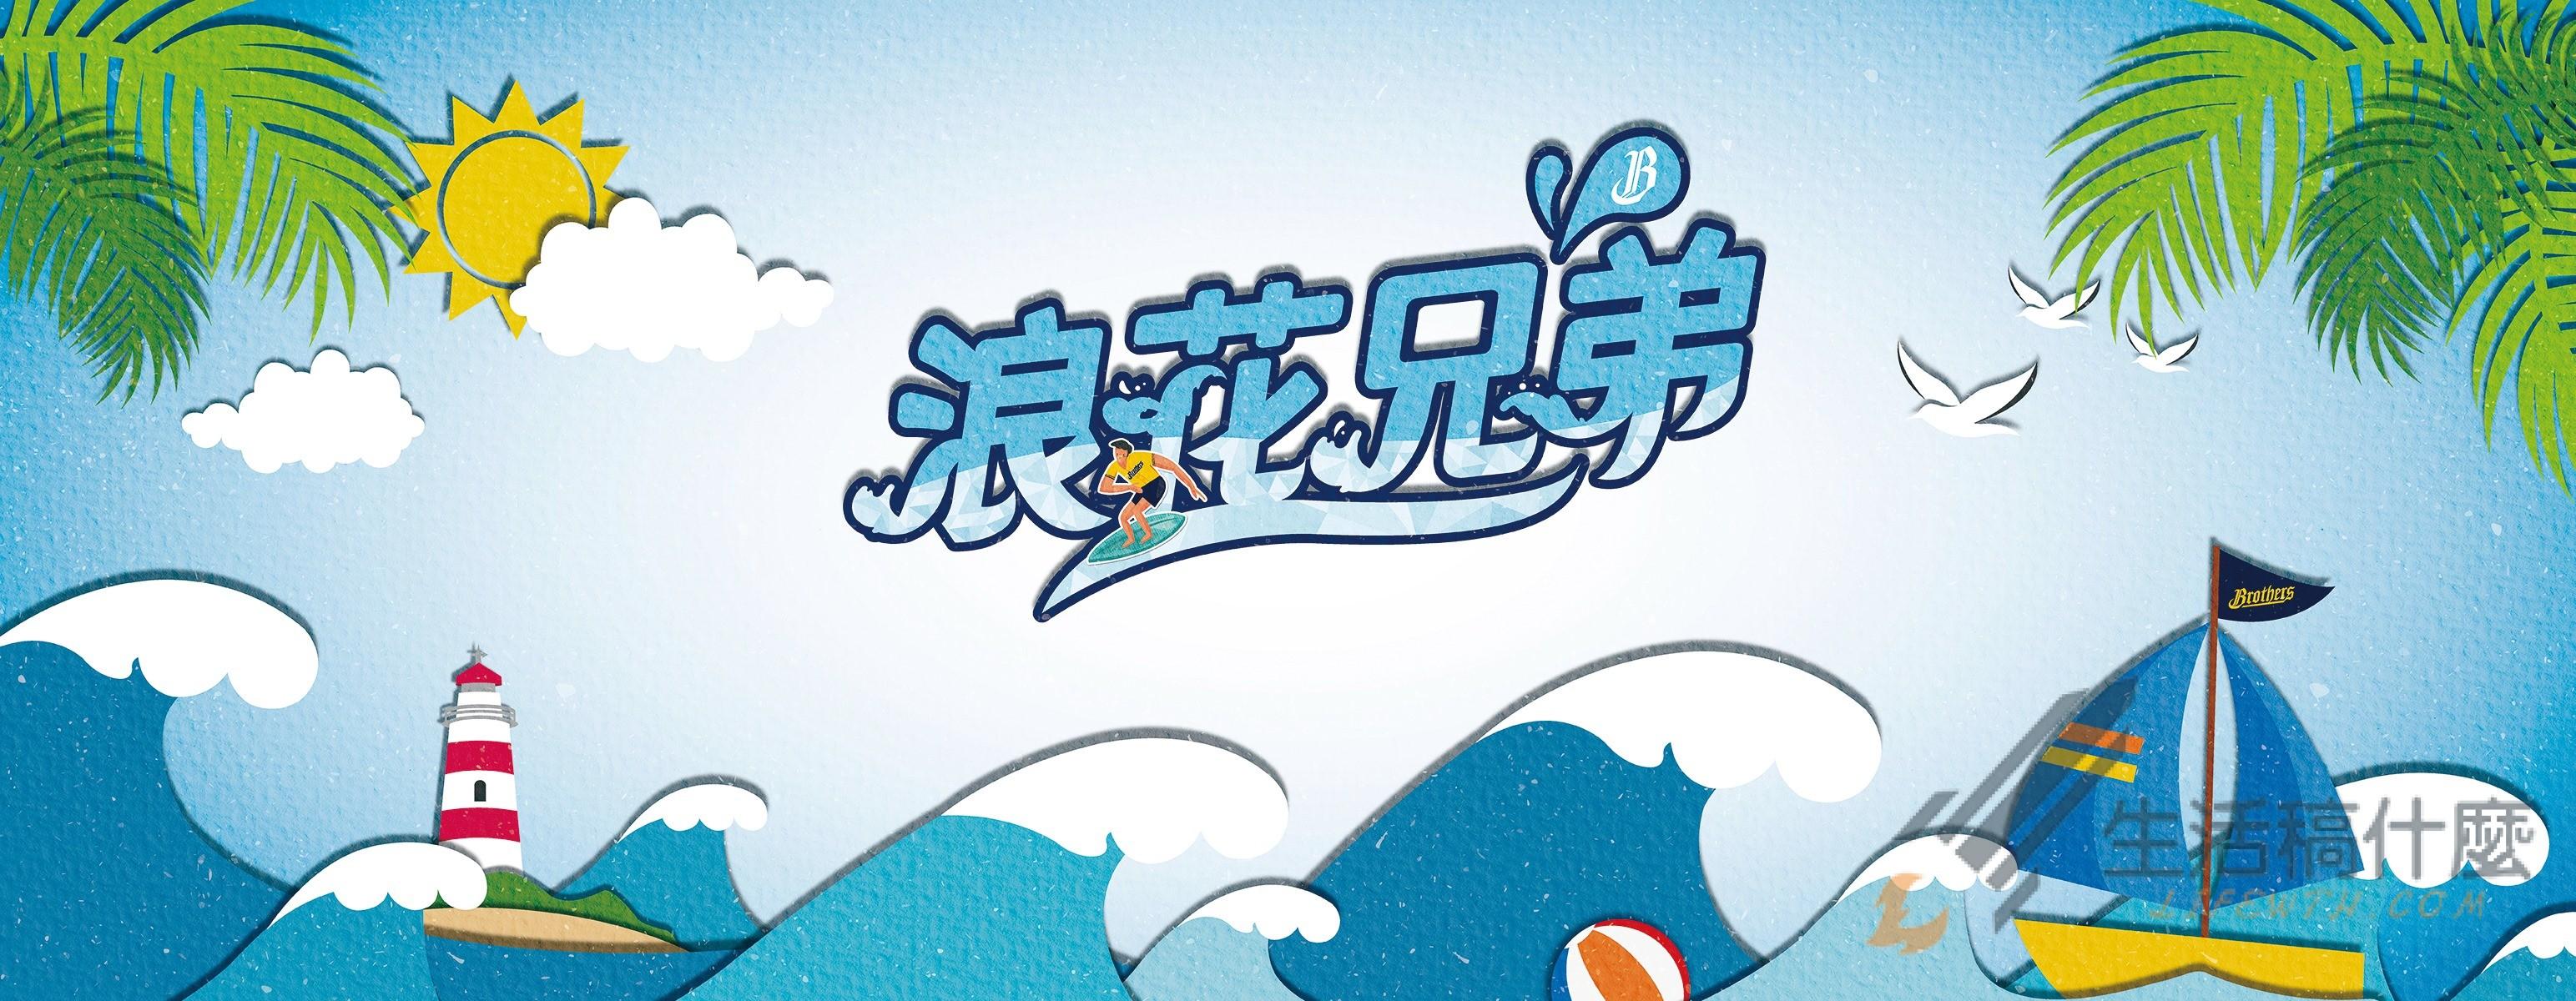 中職》中信兄弟「涼水祭」 ,夏日玩水消暑最過癮!